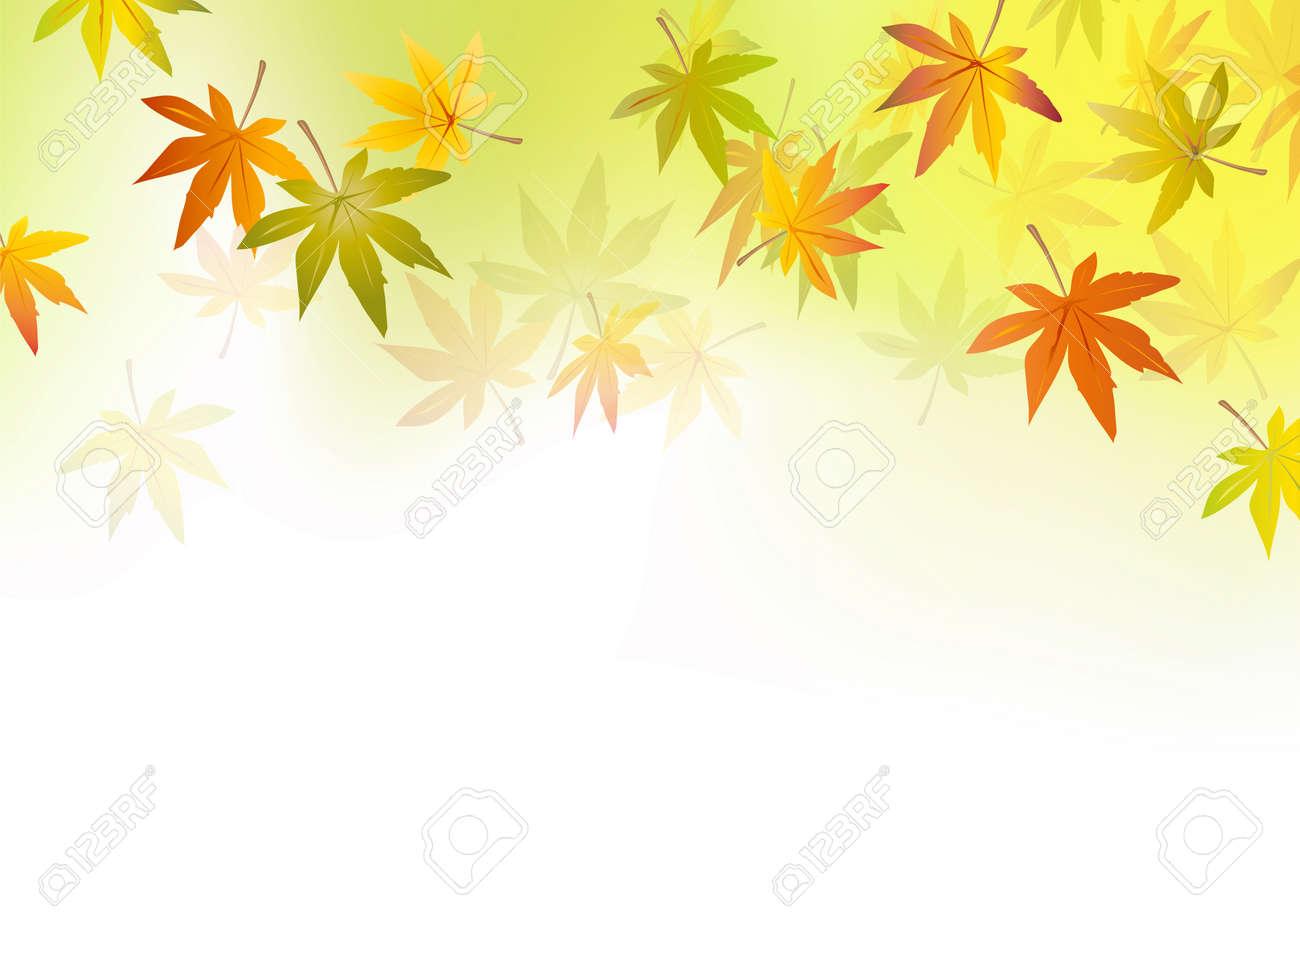 秋 秋葉 10 月シーズン 黄緑色に白の背景のグラデーション 背景ベクトル イラストのイラスト素材 ベクタ Image